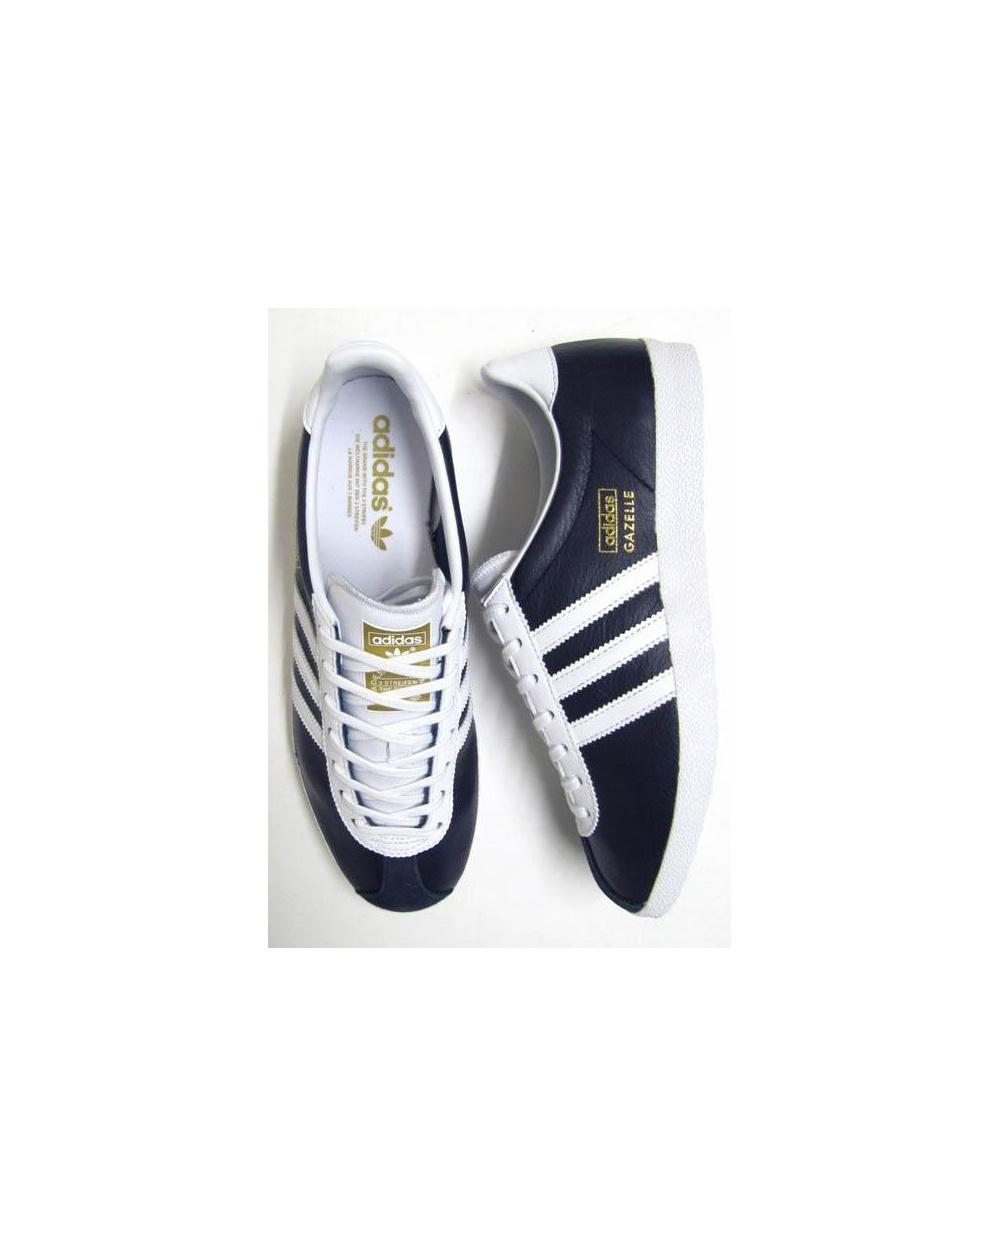 adidas gazelle leather navy